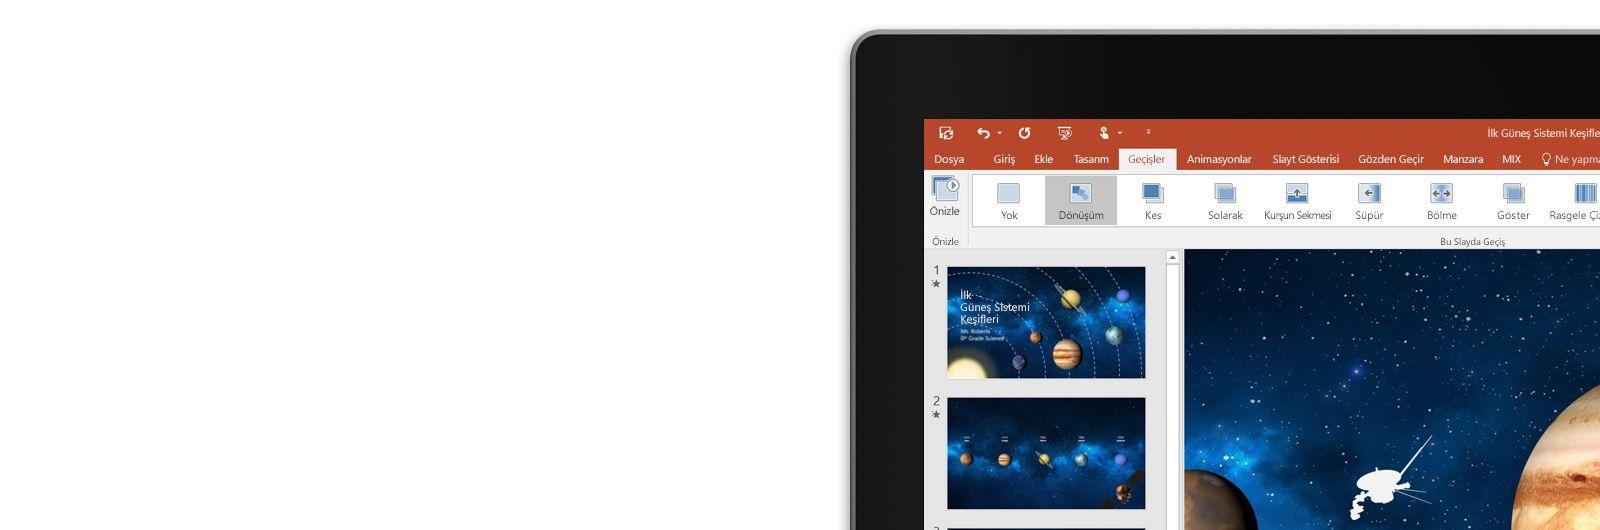 PowerPoint sunu slaydı içinde Dönüşüm özelliğini gösteren bir tablet.